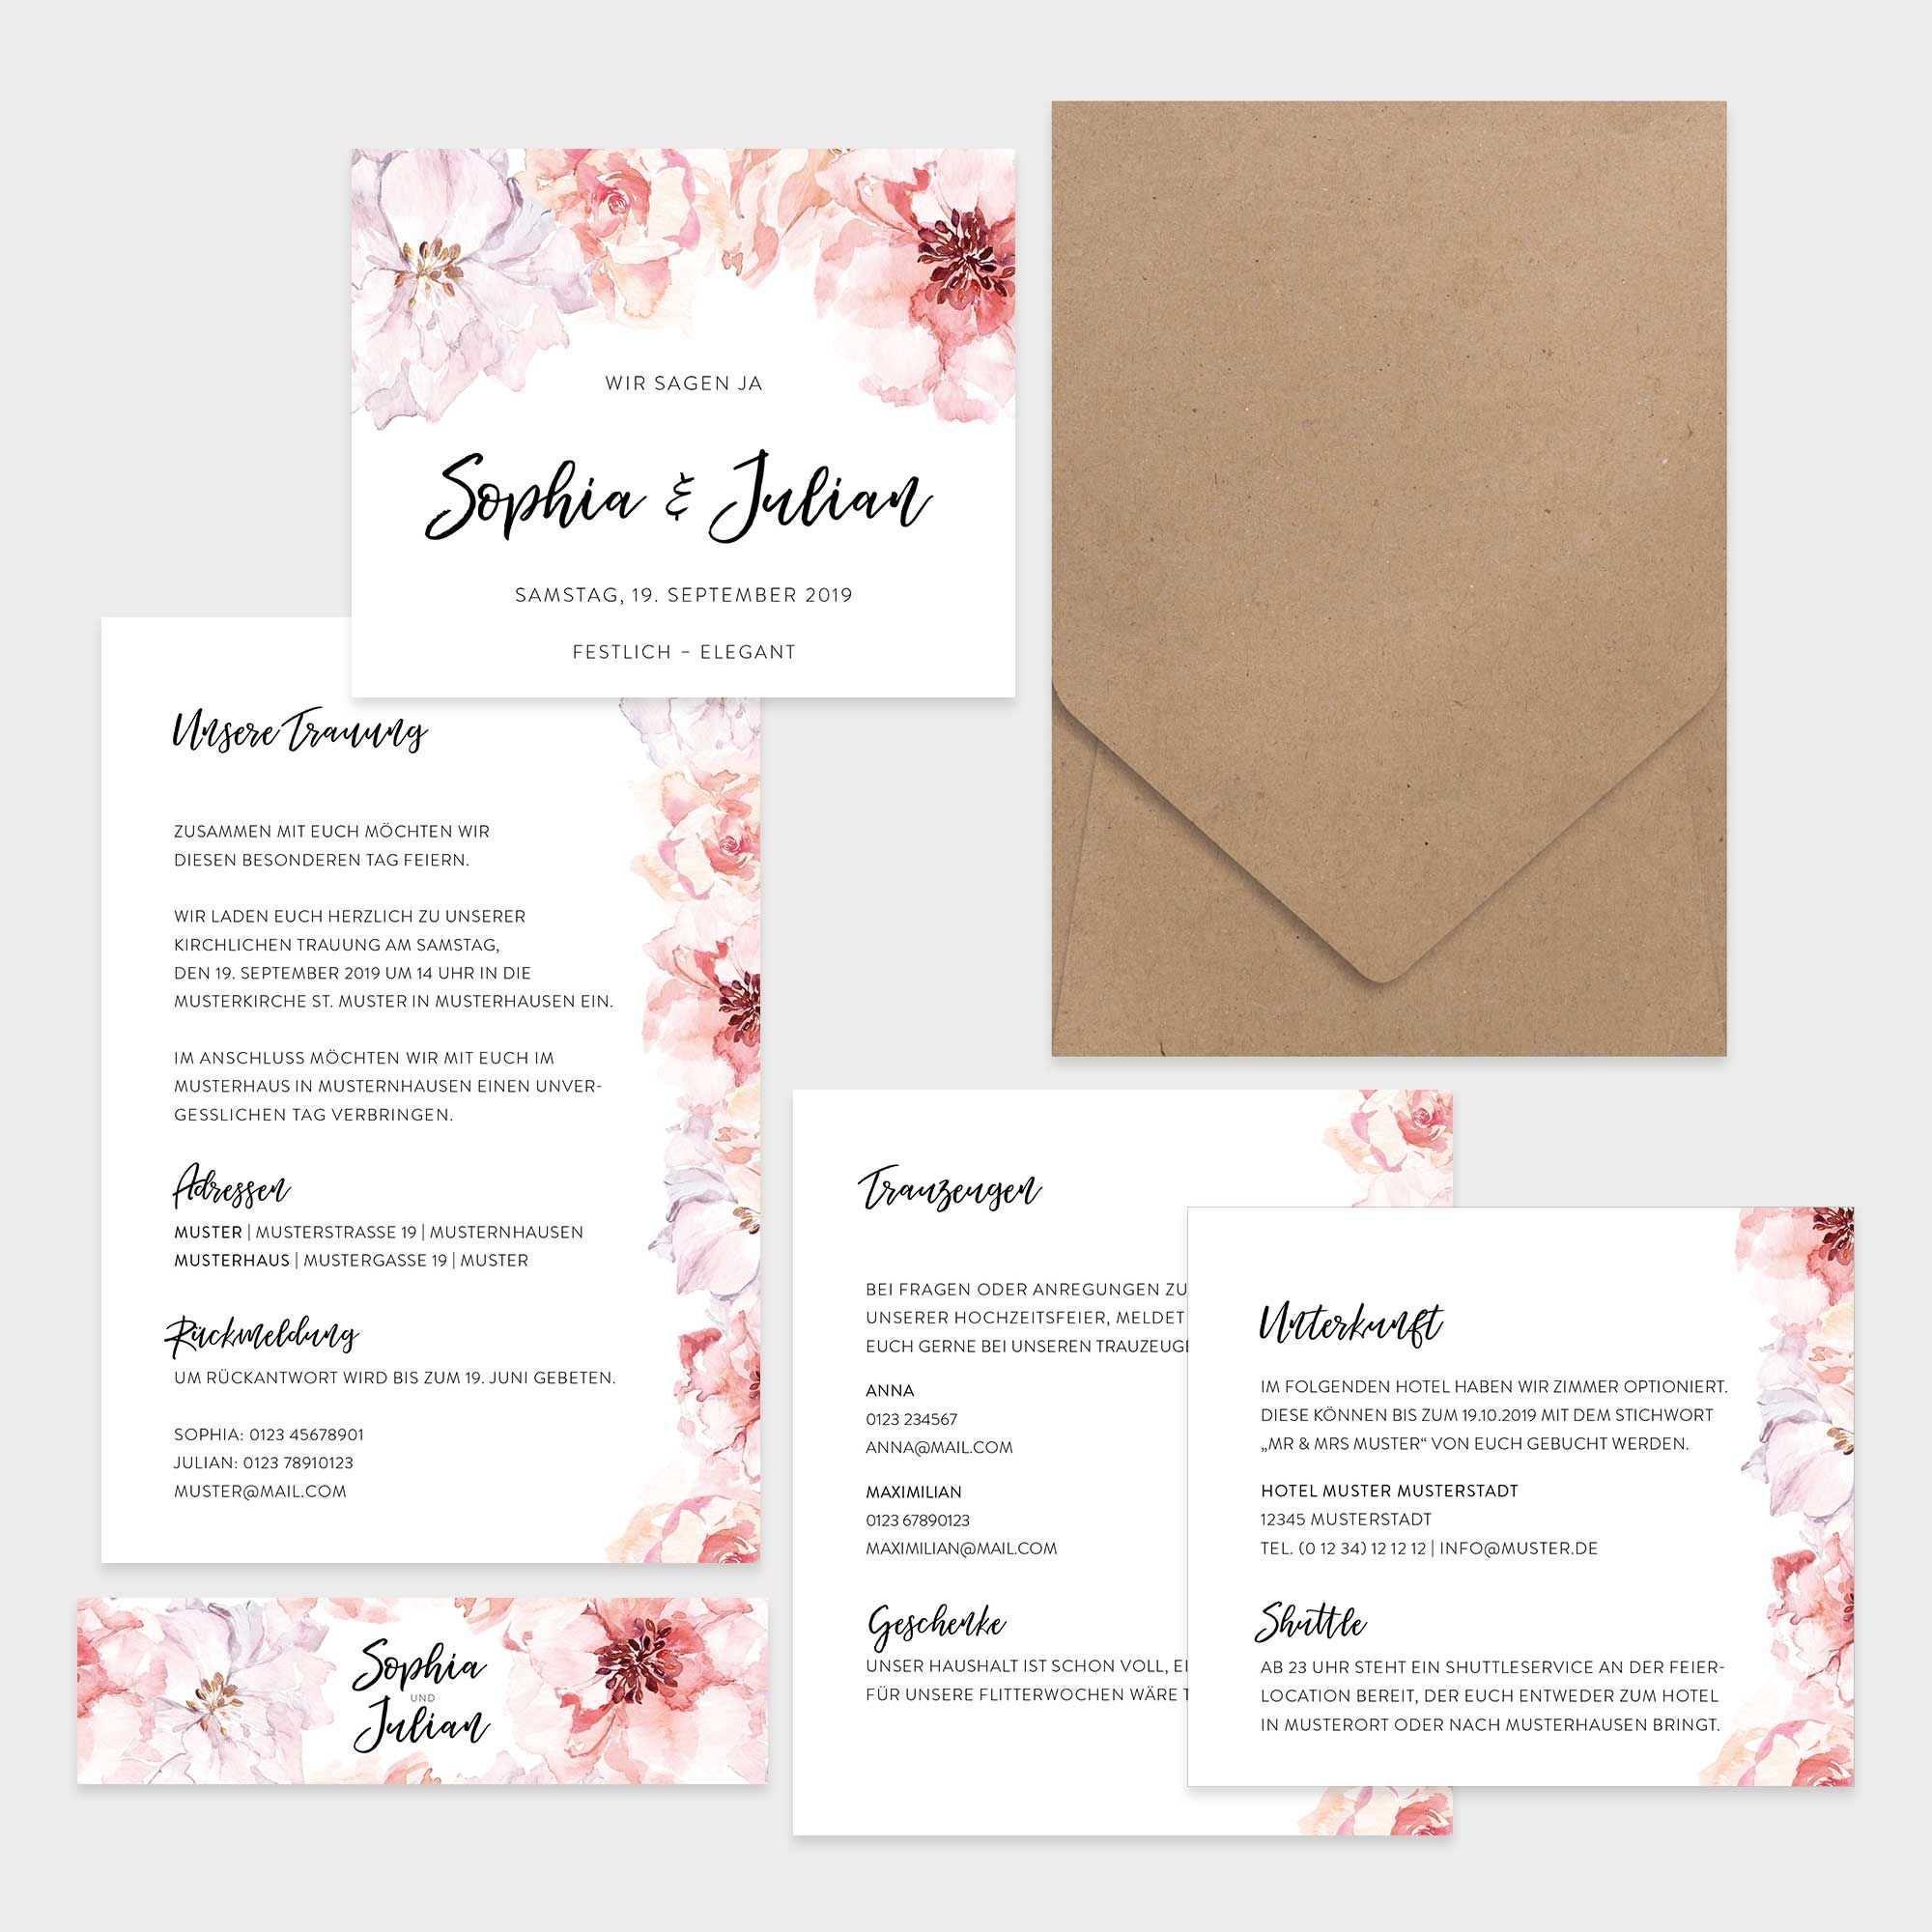 Hochzeitseinladung Pocketfolder Aquarell Flowers Mit Umschlag Fawntastique Hochzeitseinladung Einladungen Einladung Ideen